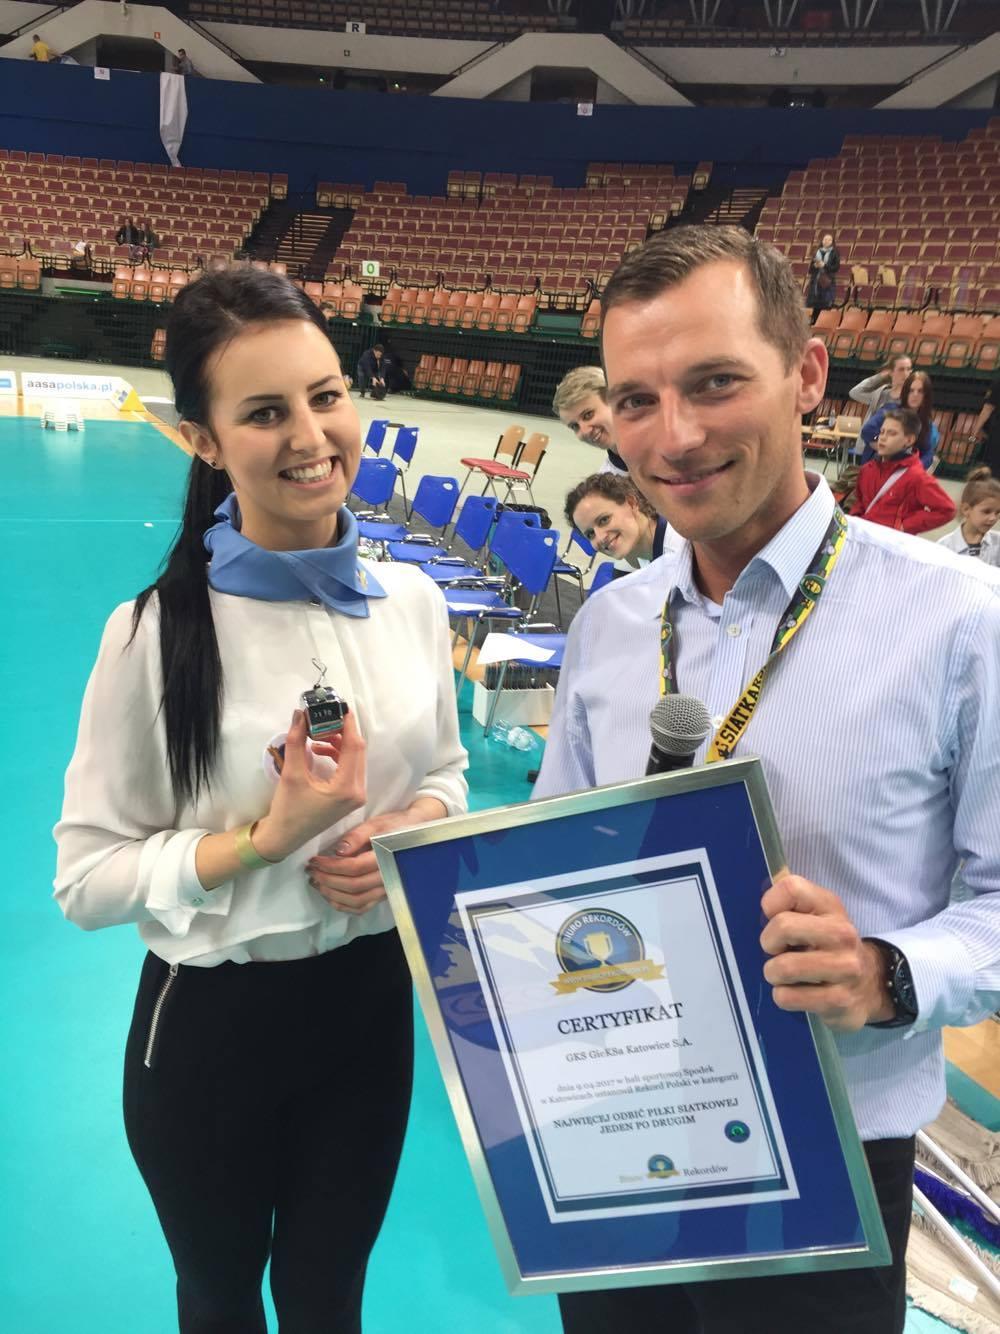 Rekord Polski - Sędzia - Certyfikat